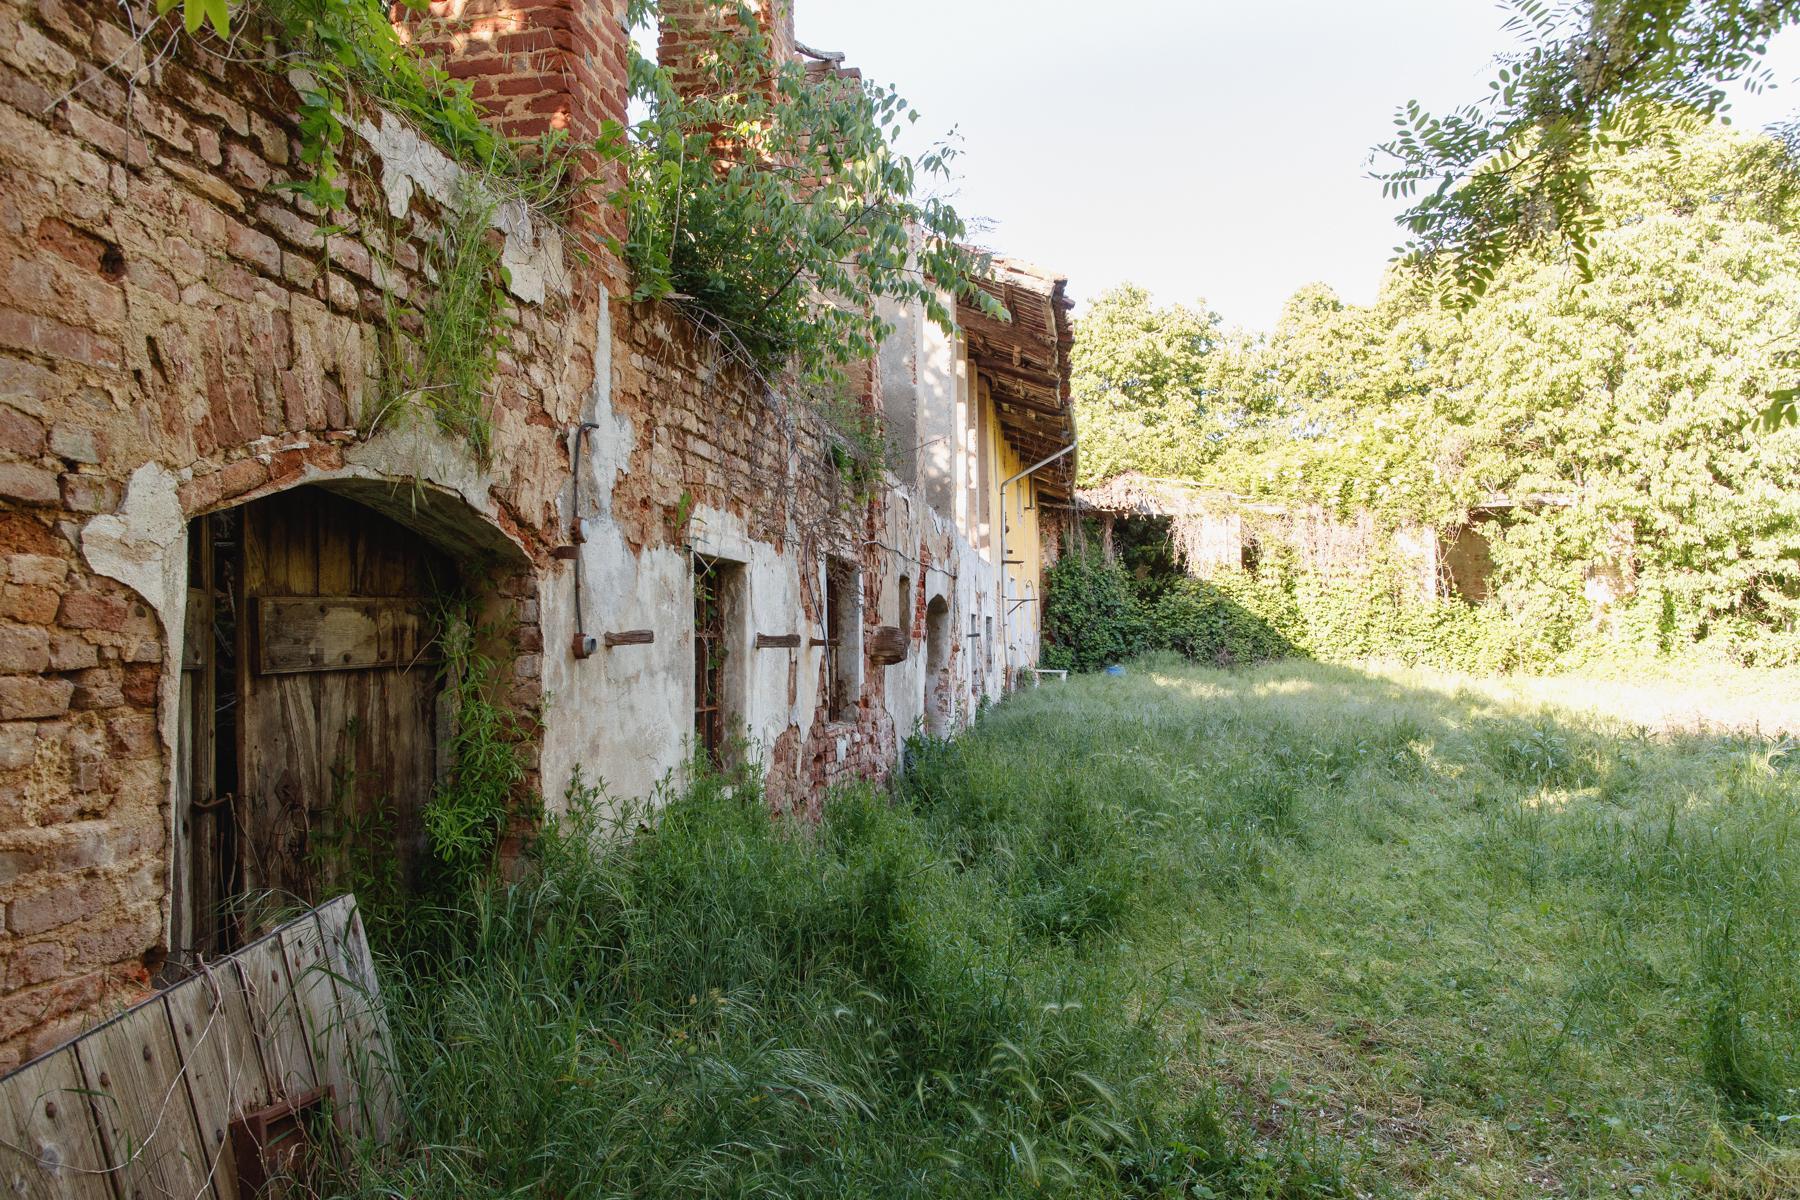 坐落于都灵乡村的古老农舍 - 3